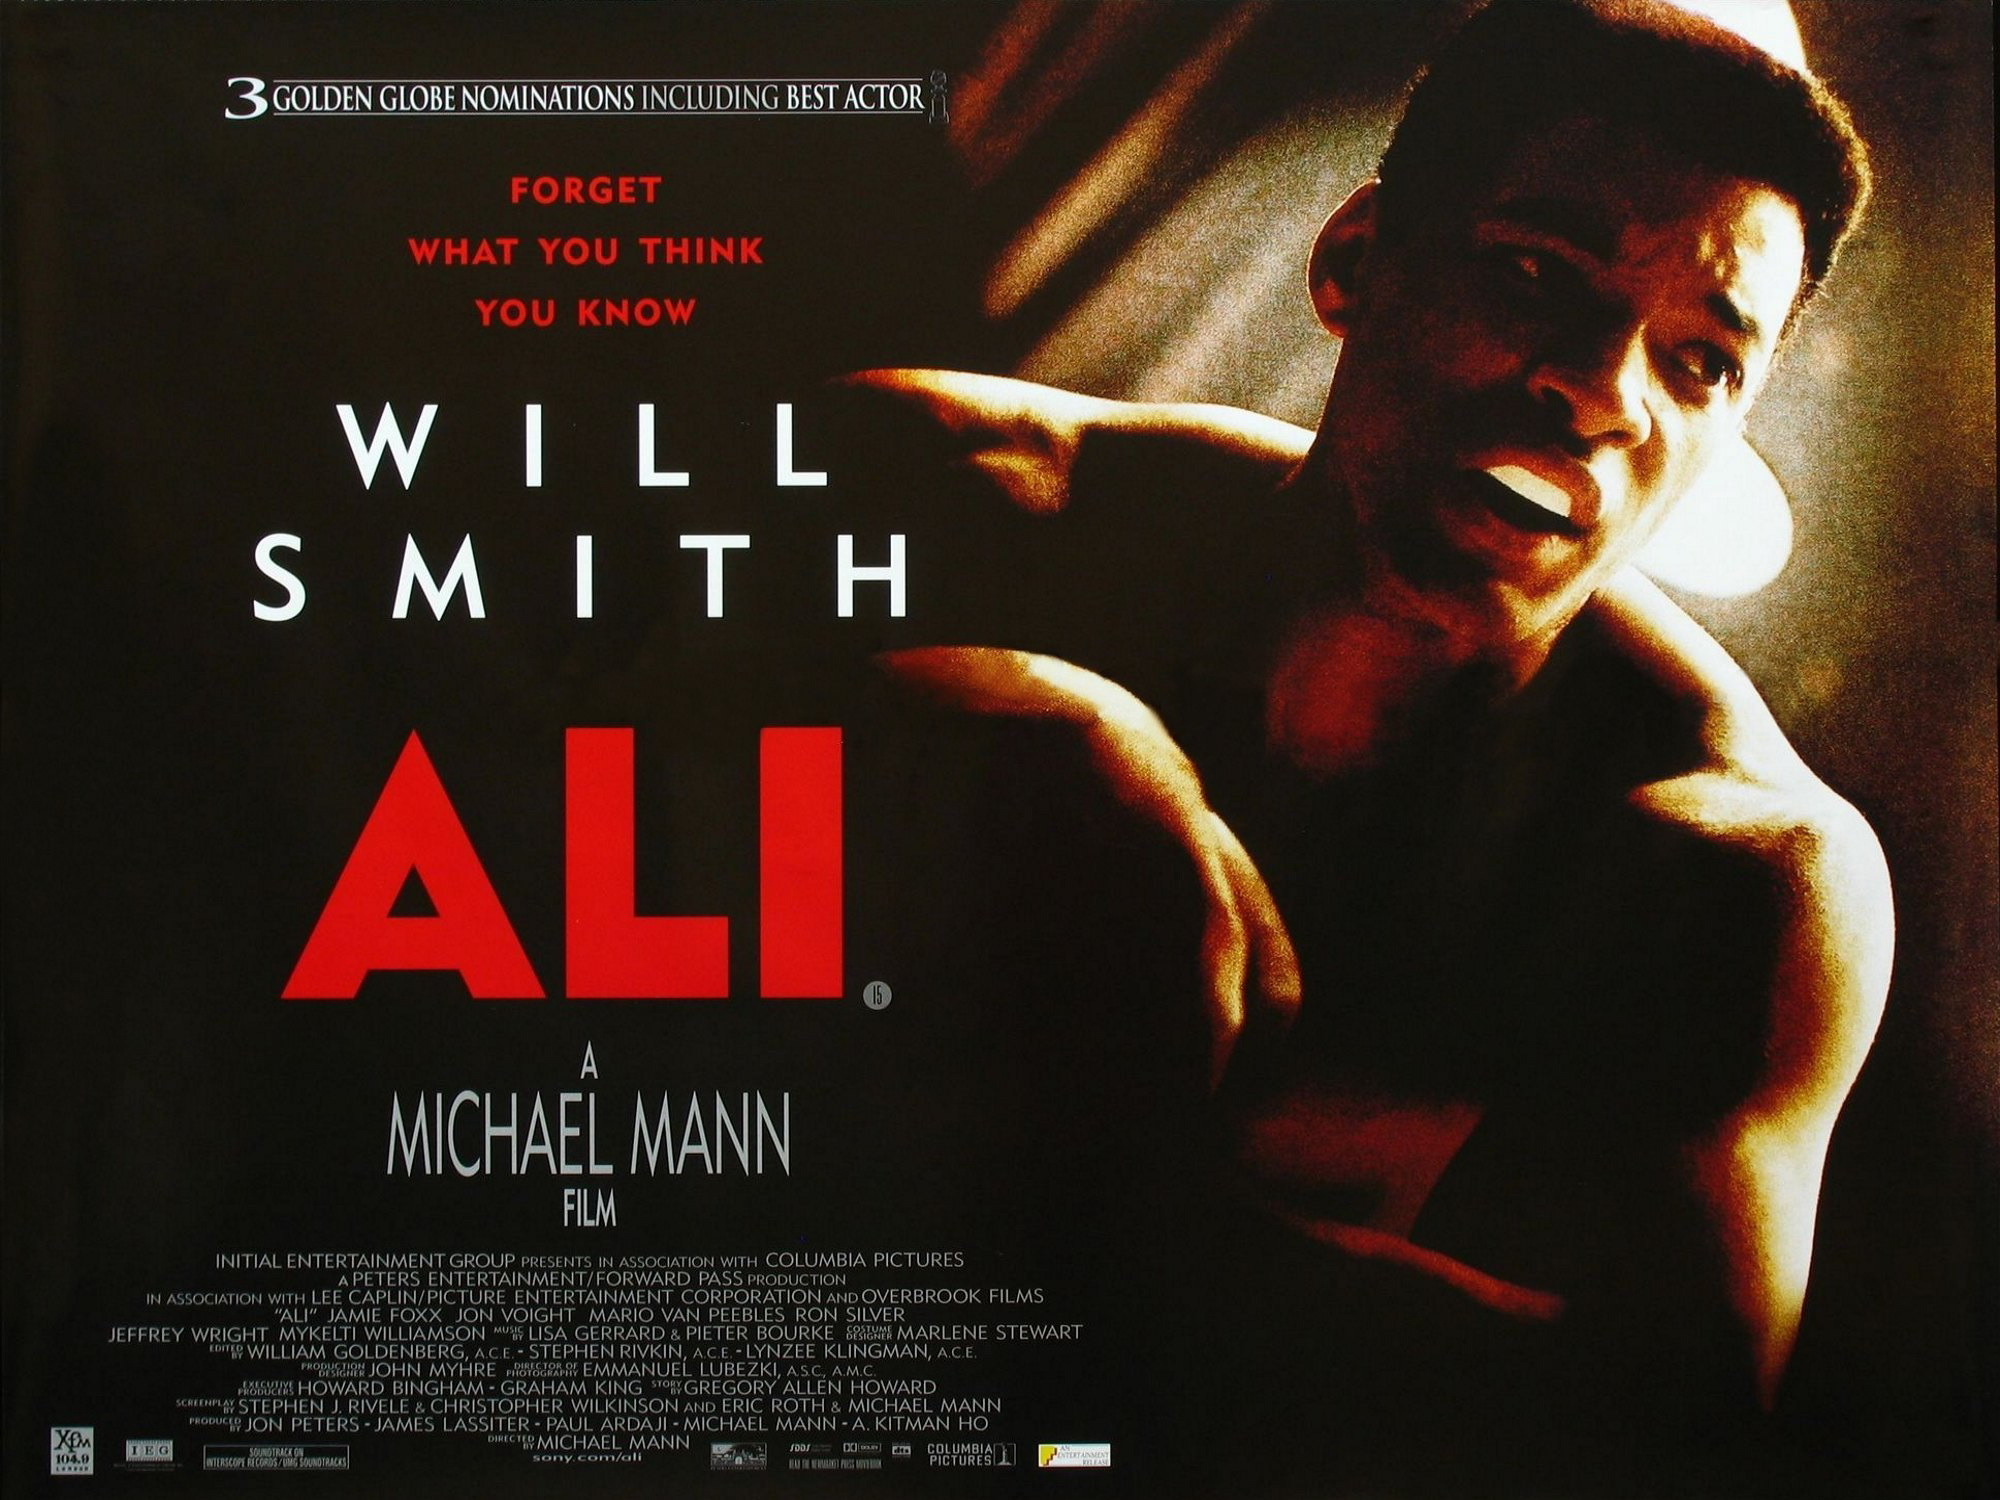 плакат фильма биллборды Али